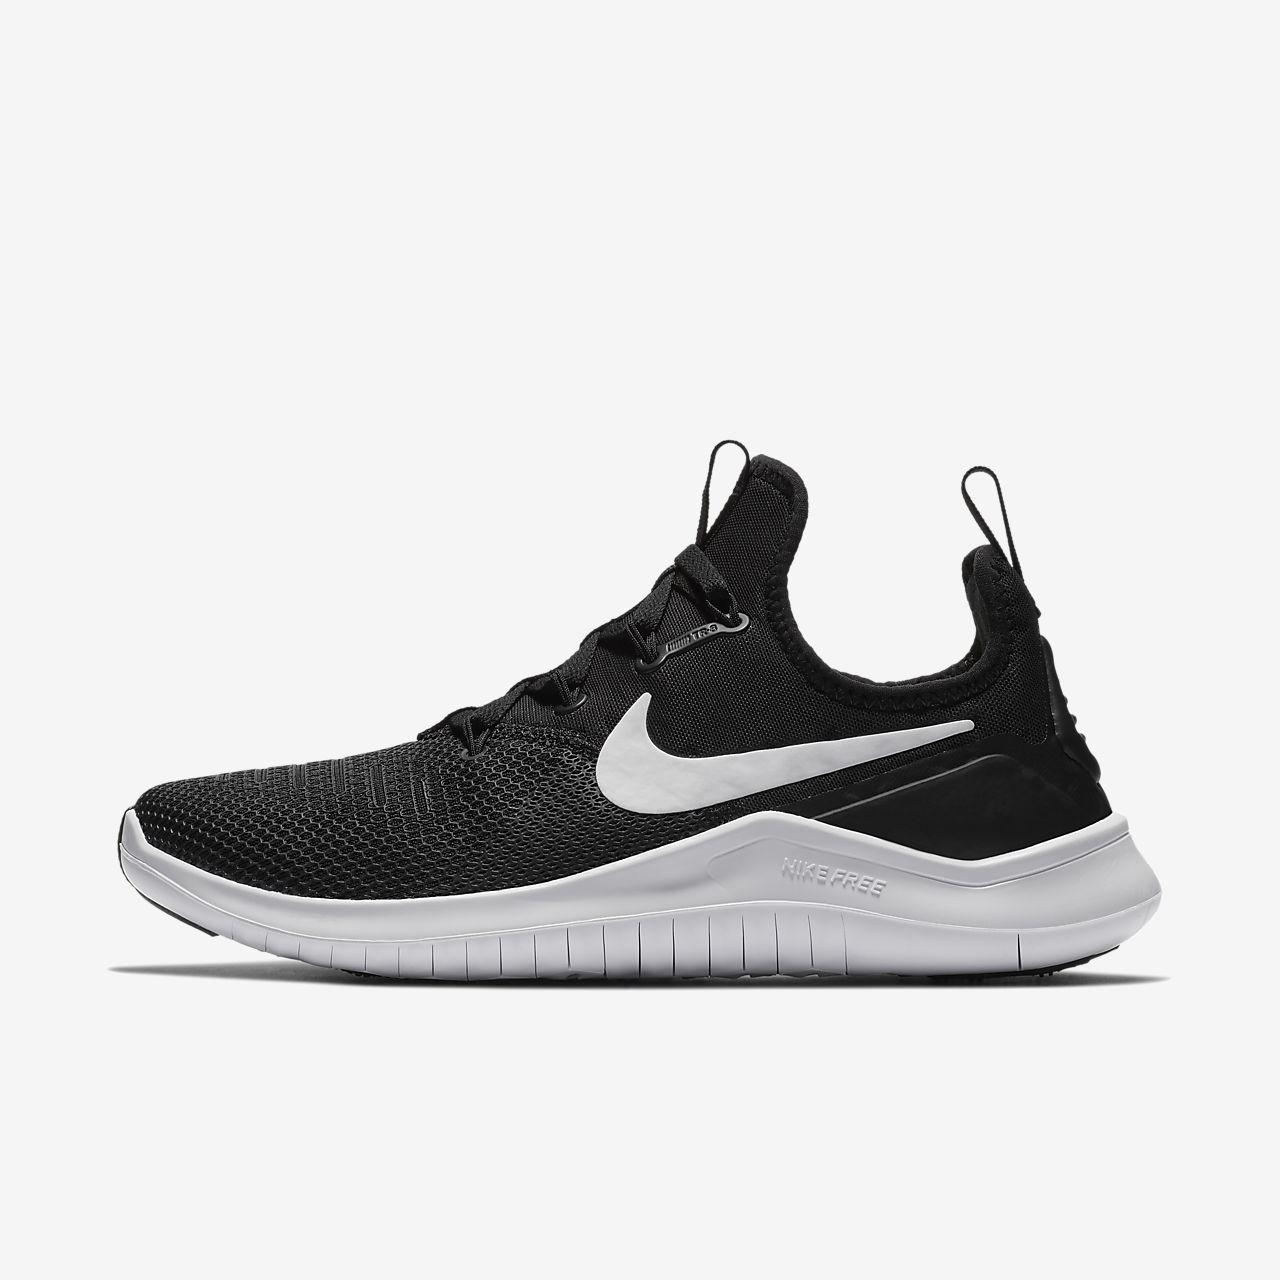 wholesale dealer 0ab7f 1049c Nike Free TR 8-trænings-/HIIT-/crosstræningssko til kvinder. Nike.com DK